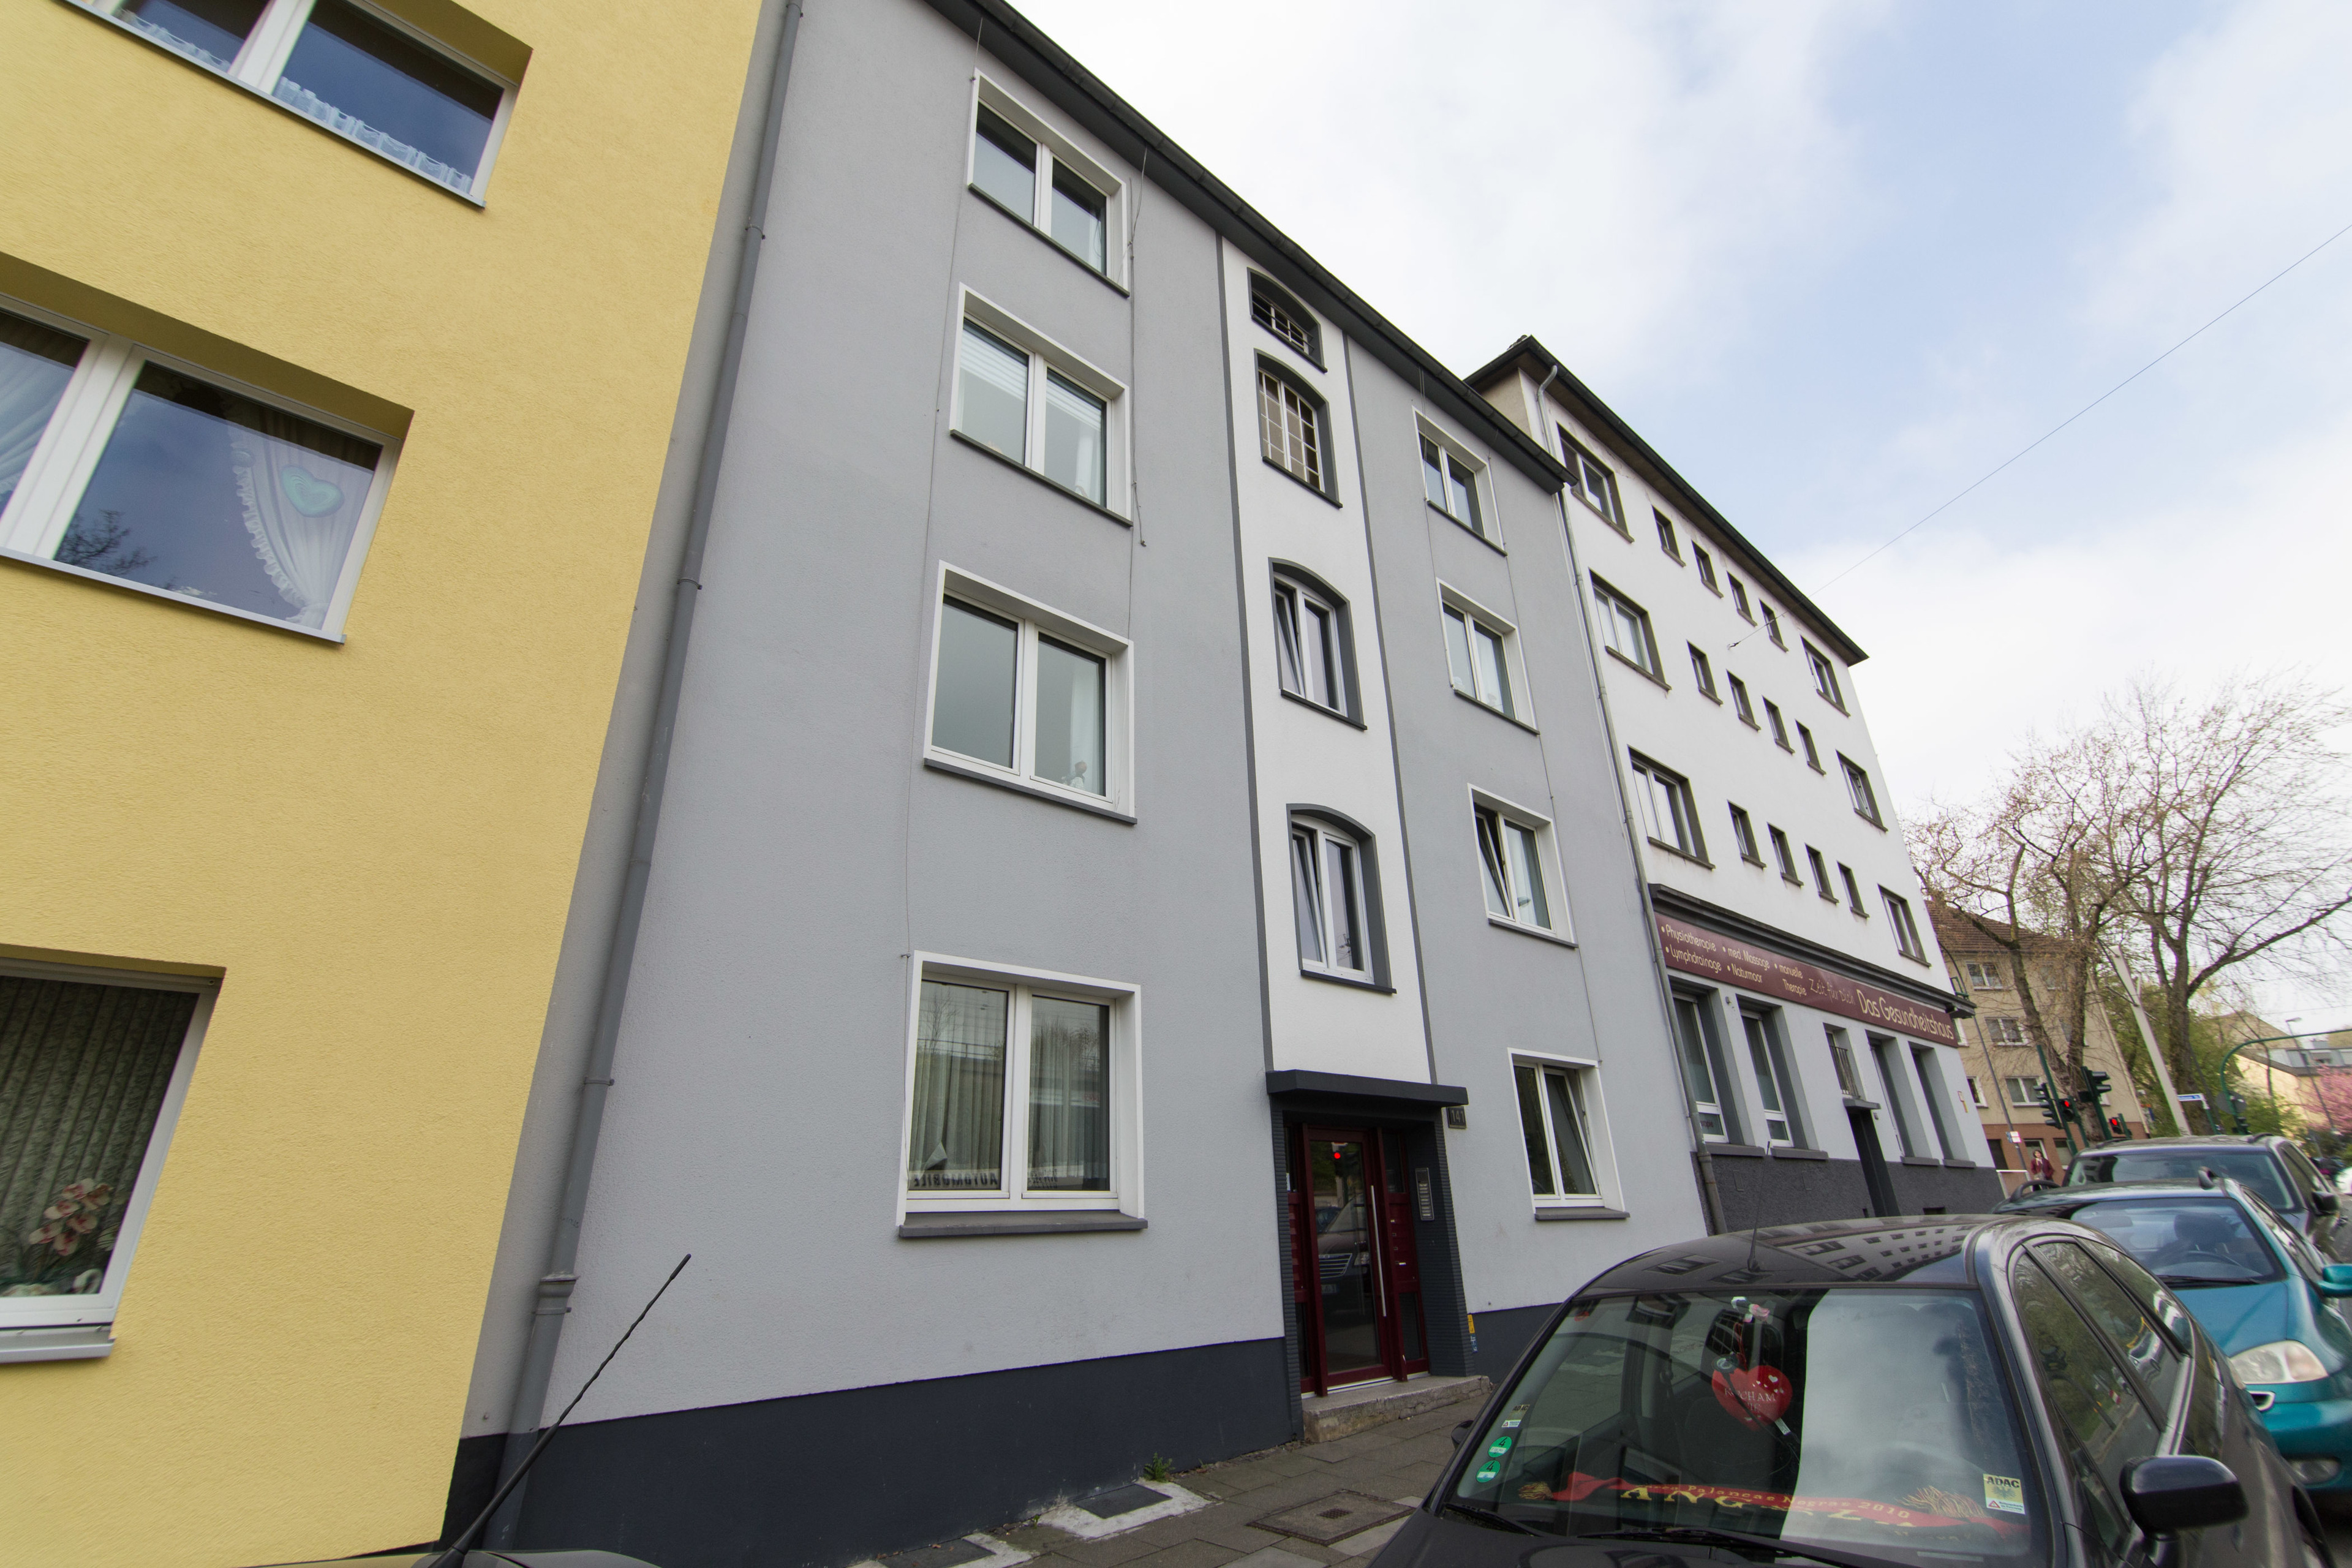 Glück Auf Appartements Schederhofstraße Ferienwohnung  Ruhrgebiet